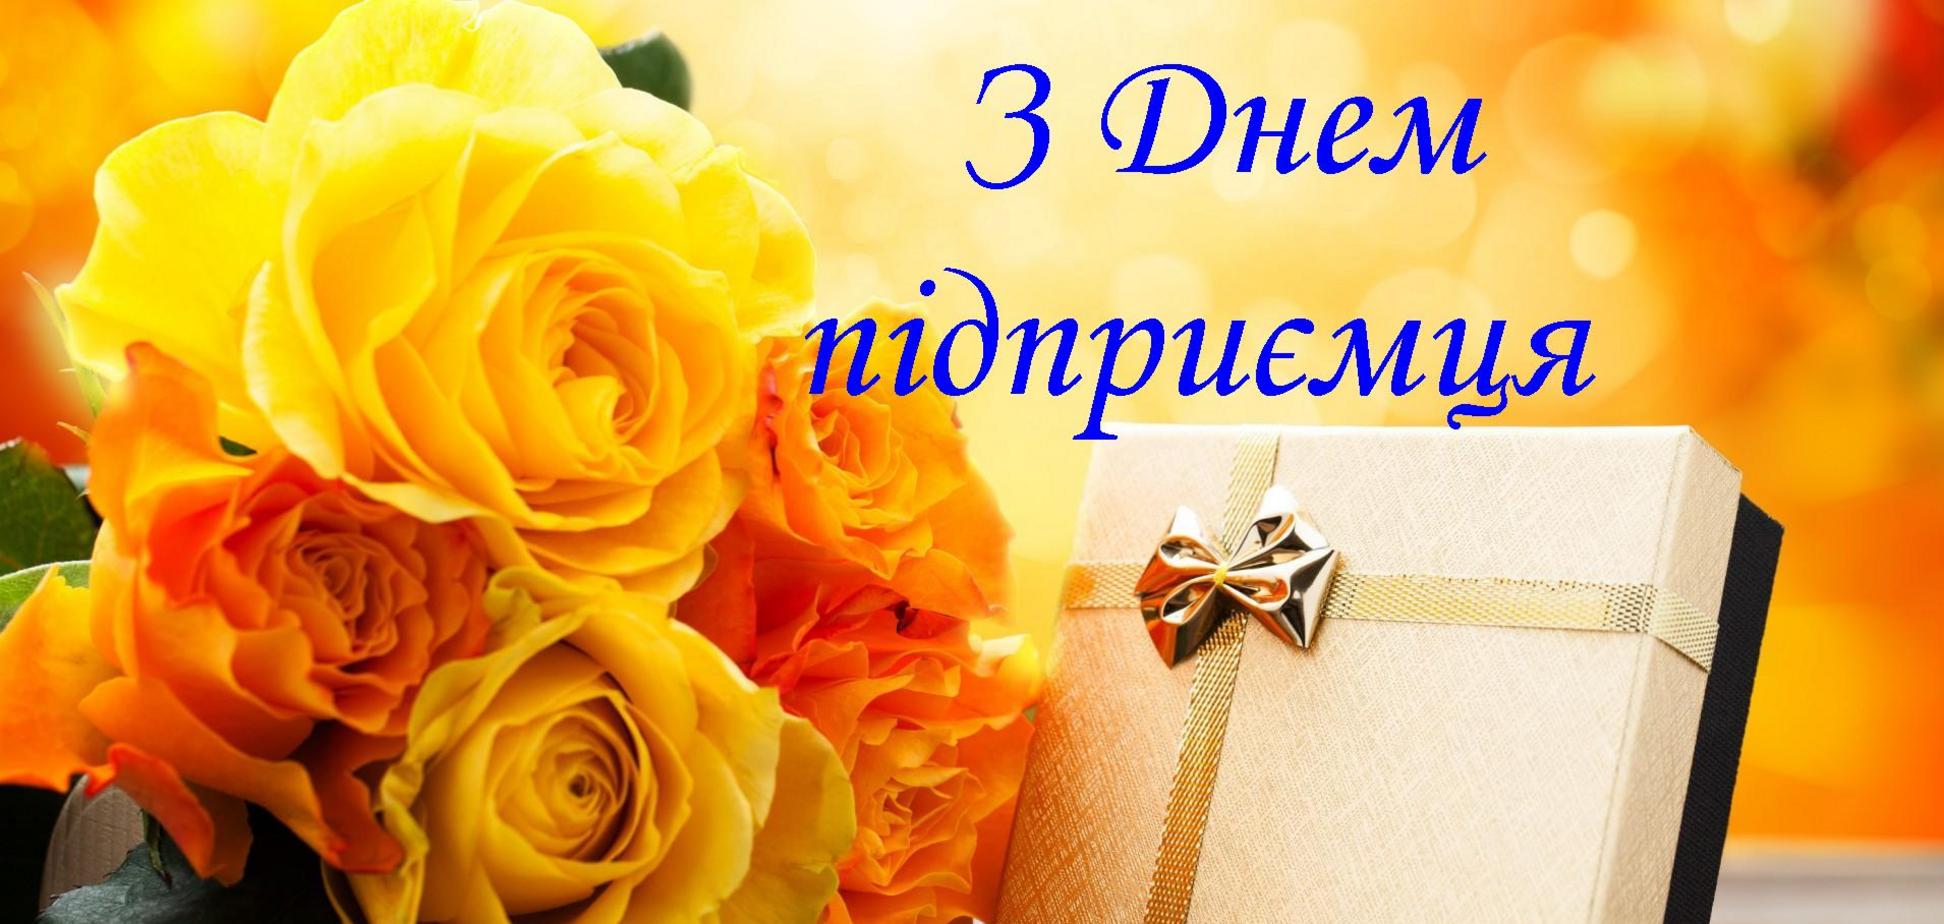 День предпринимателя в Украине в 2020 году отмечается 6 сентября